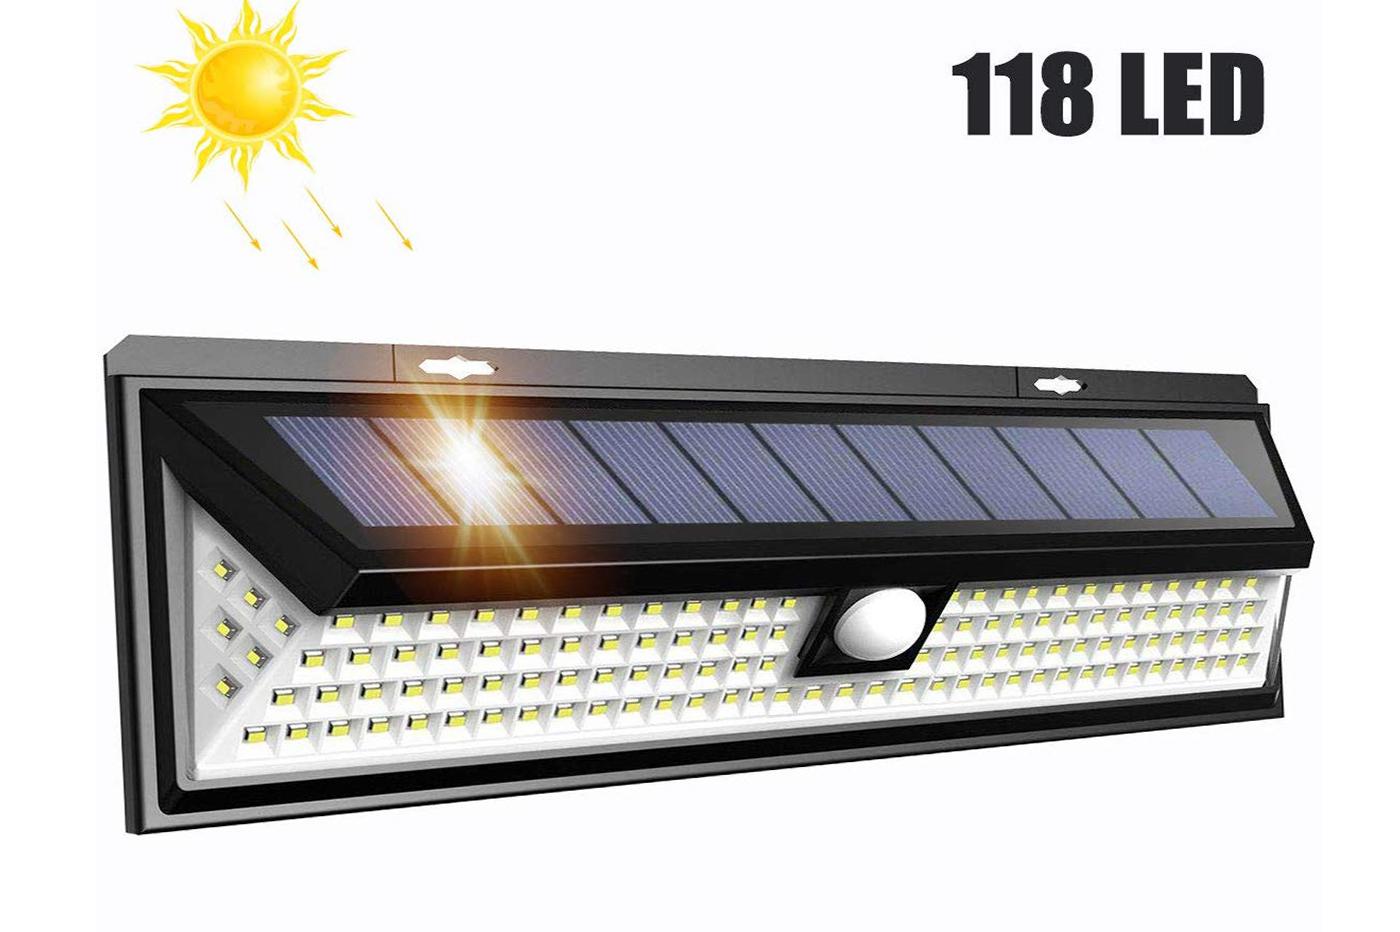 FARETTO 24 LED SOLARE ESTERNO LAMPADA GIARDINO FARETTI SENSORE MOVIMENTO SC0